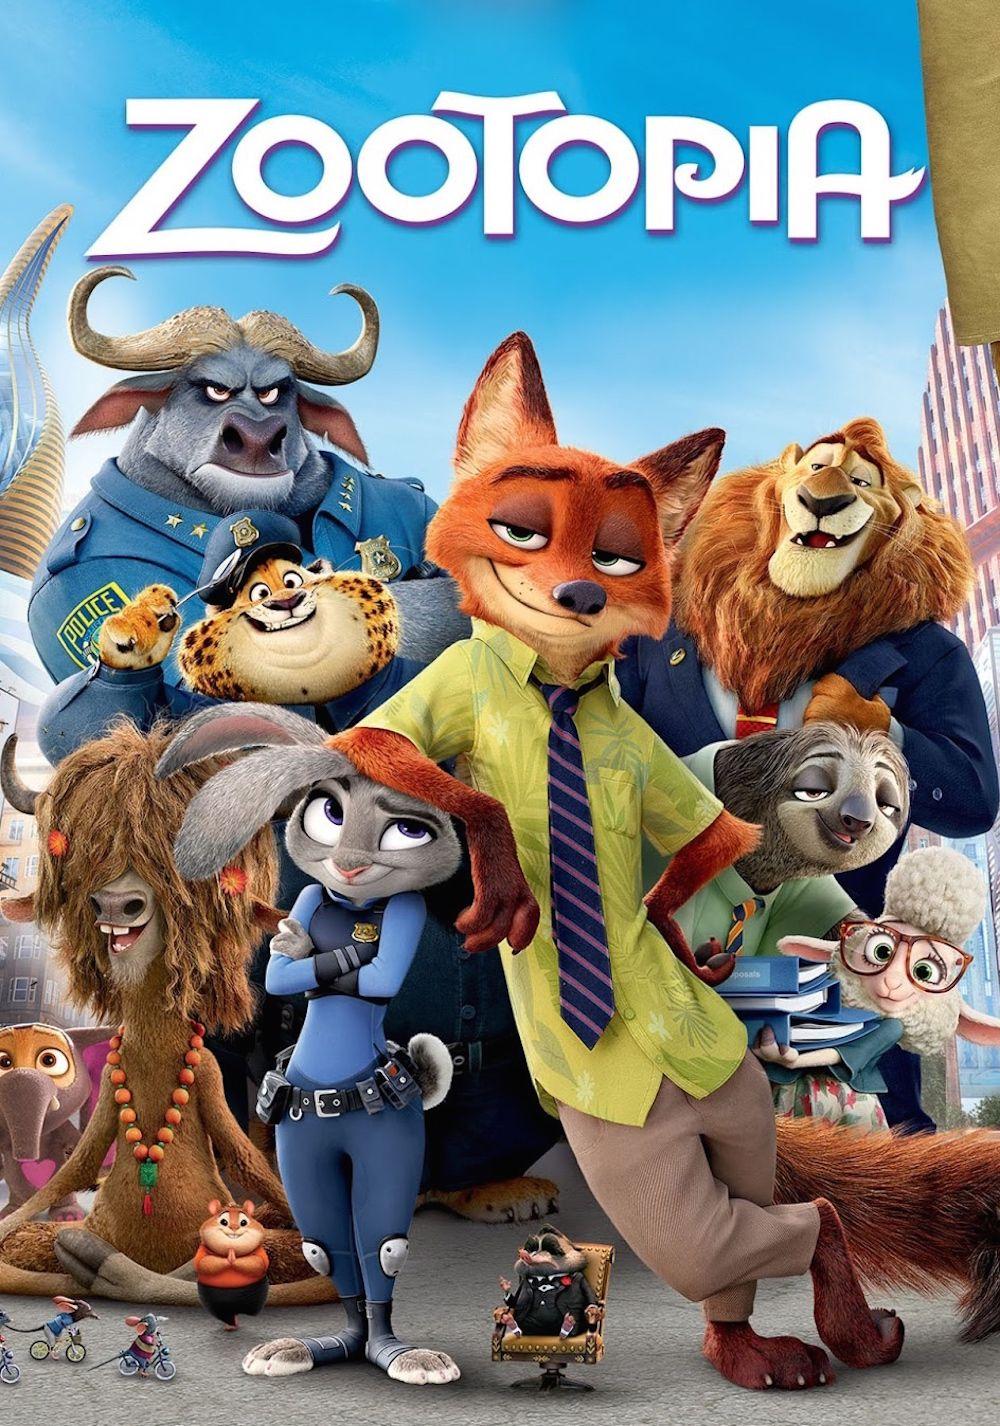 دانلود انیمیشن Zootopia 2016 دوبله فارسی - زوتوپیا